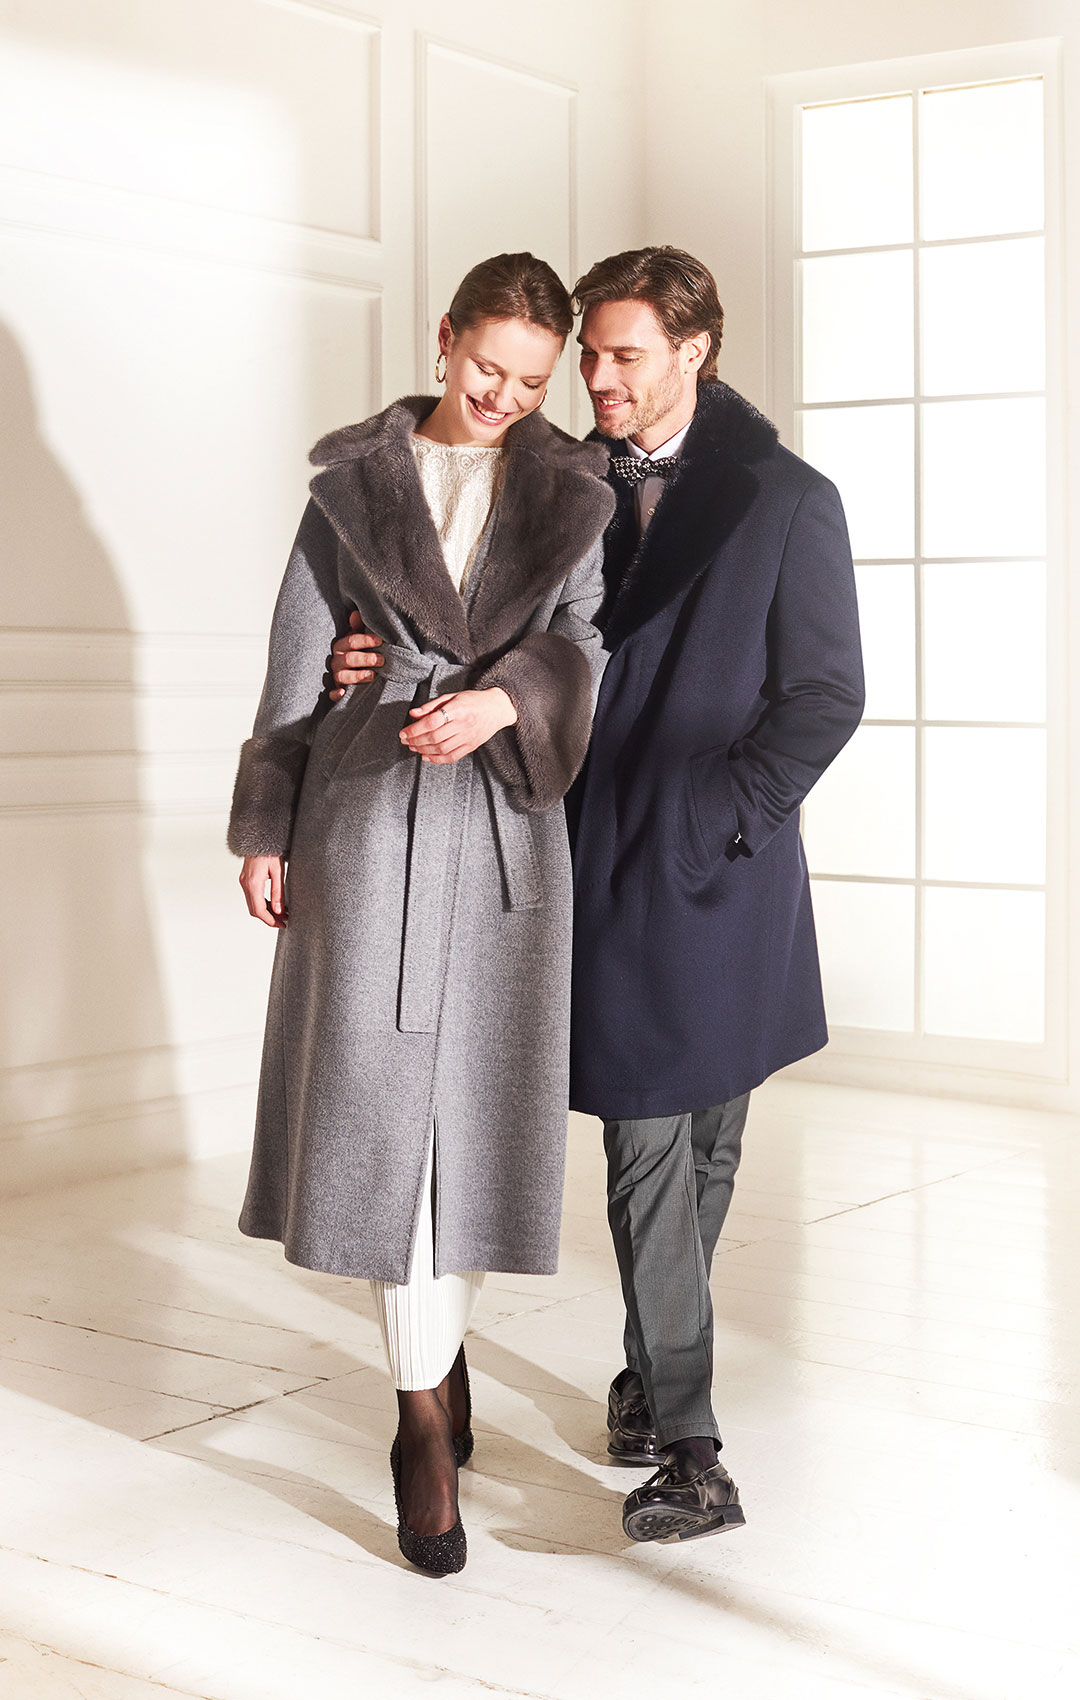 lenoci luxury - cappotto uomo tessuto 100% puro cashmere collo sciallato in visone - cappotto donna vestaglia in puro cashmere con collo e polsi in visone